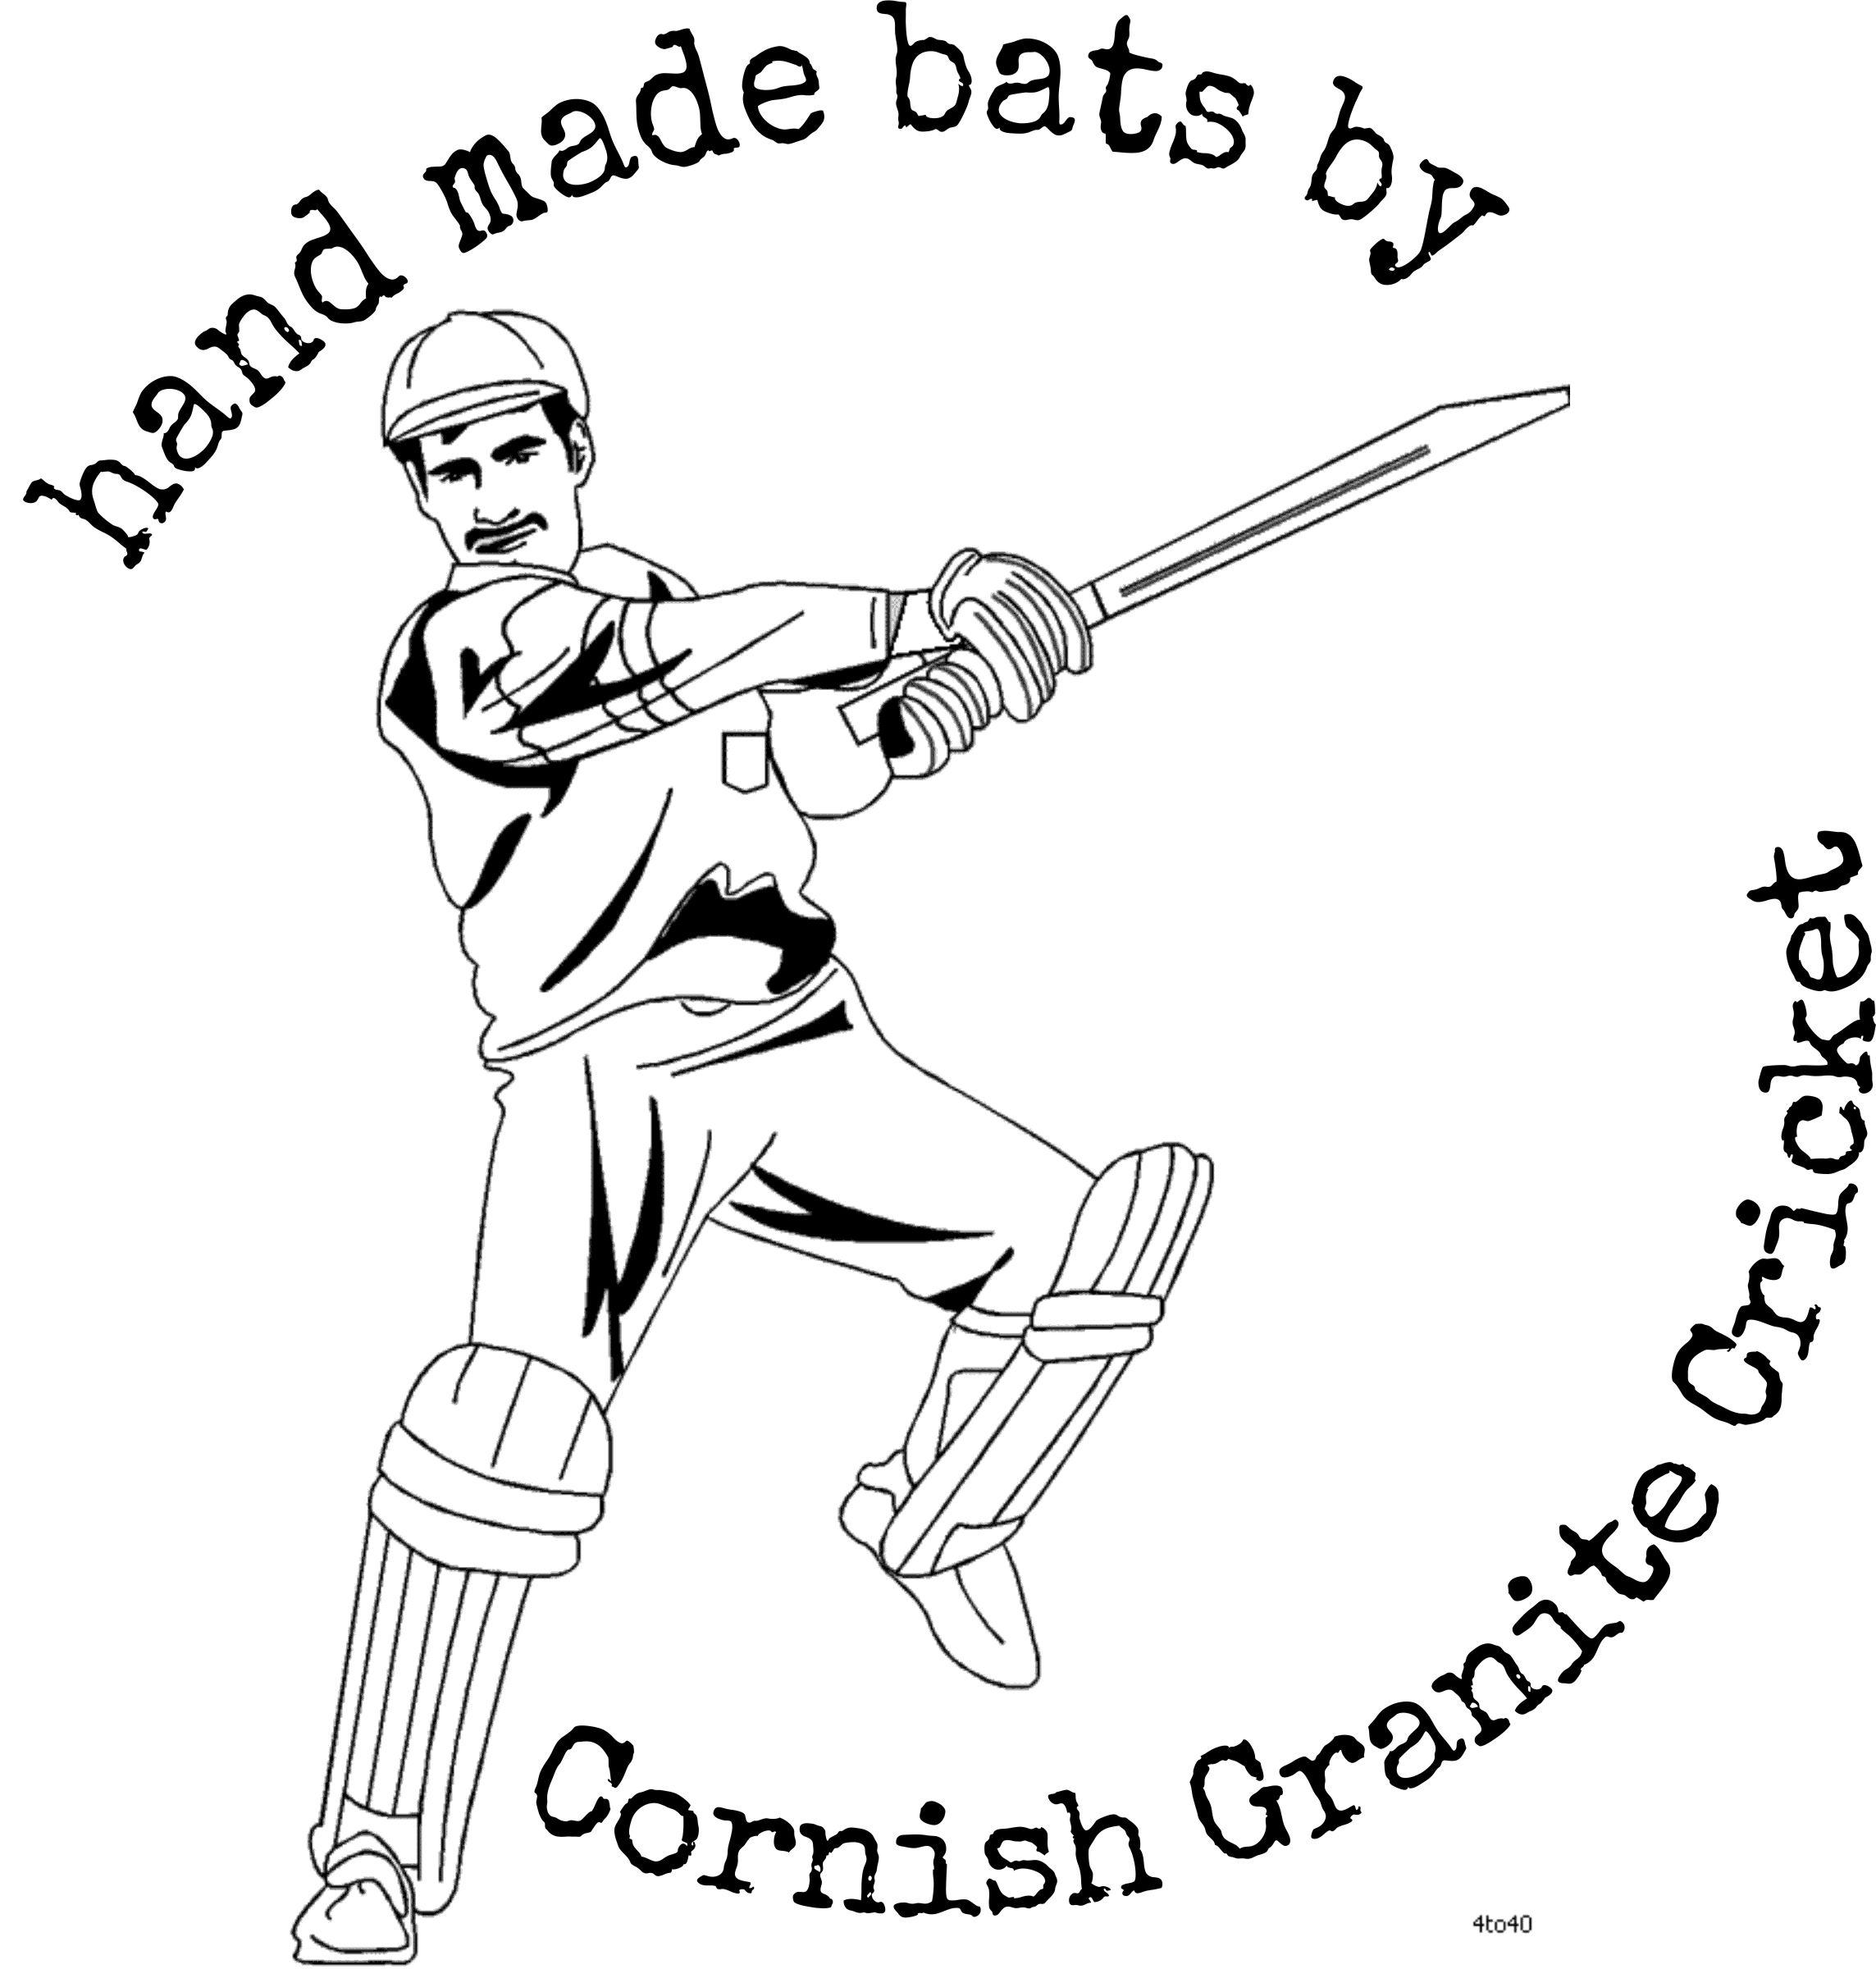 Hand made Cricket Bats